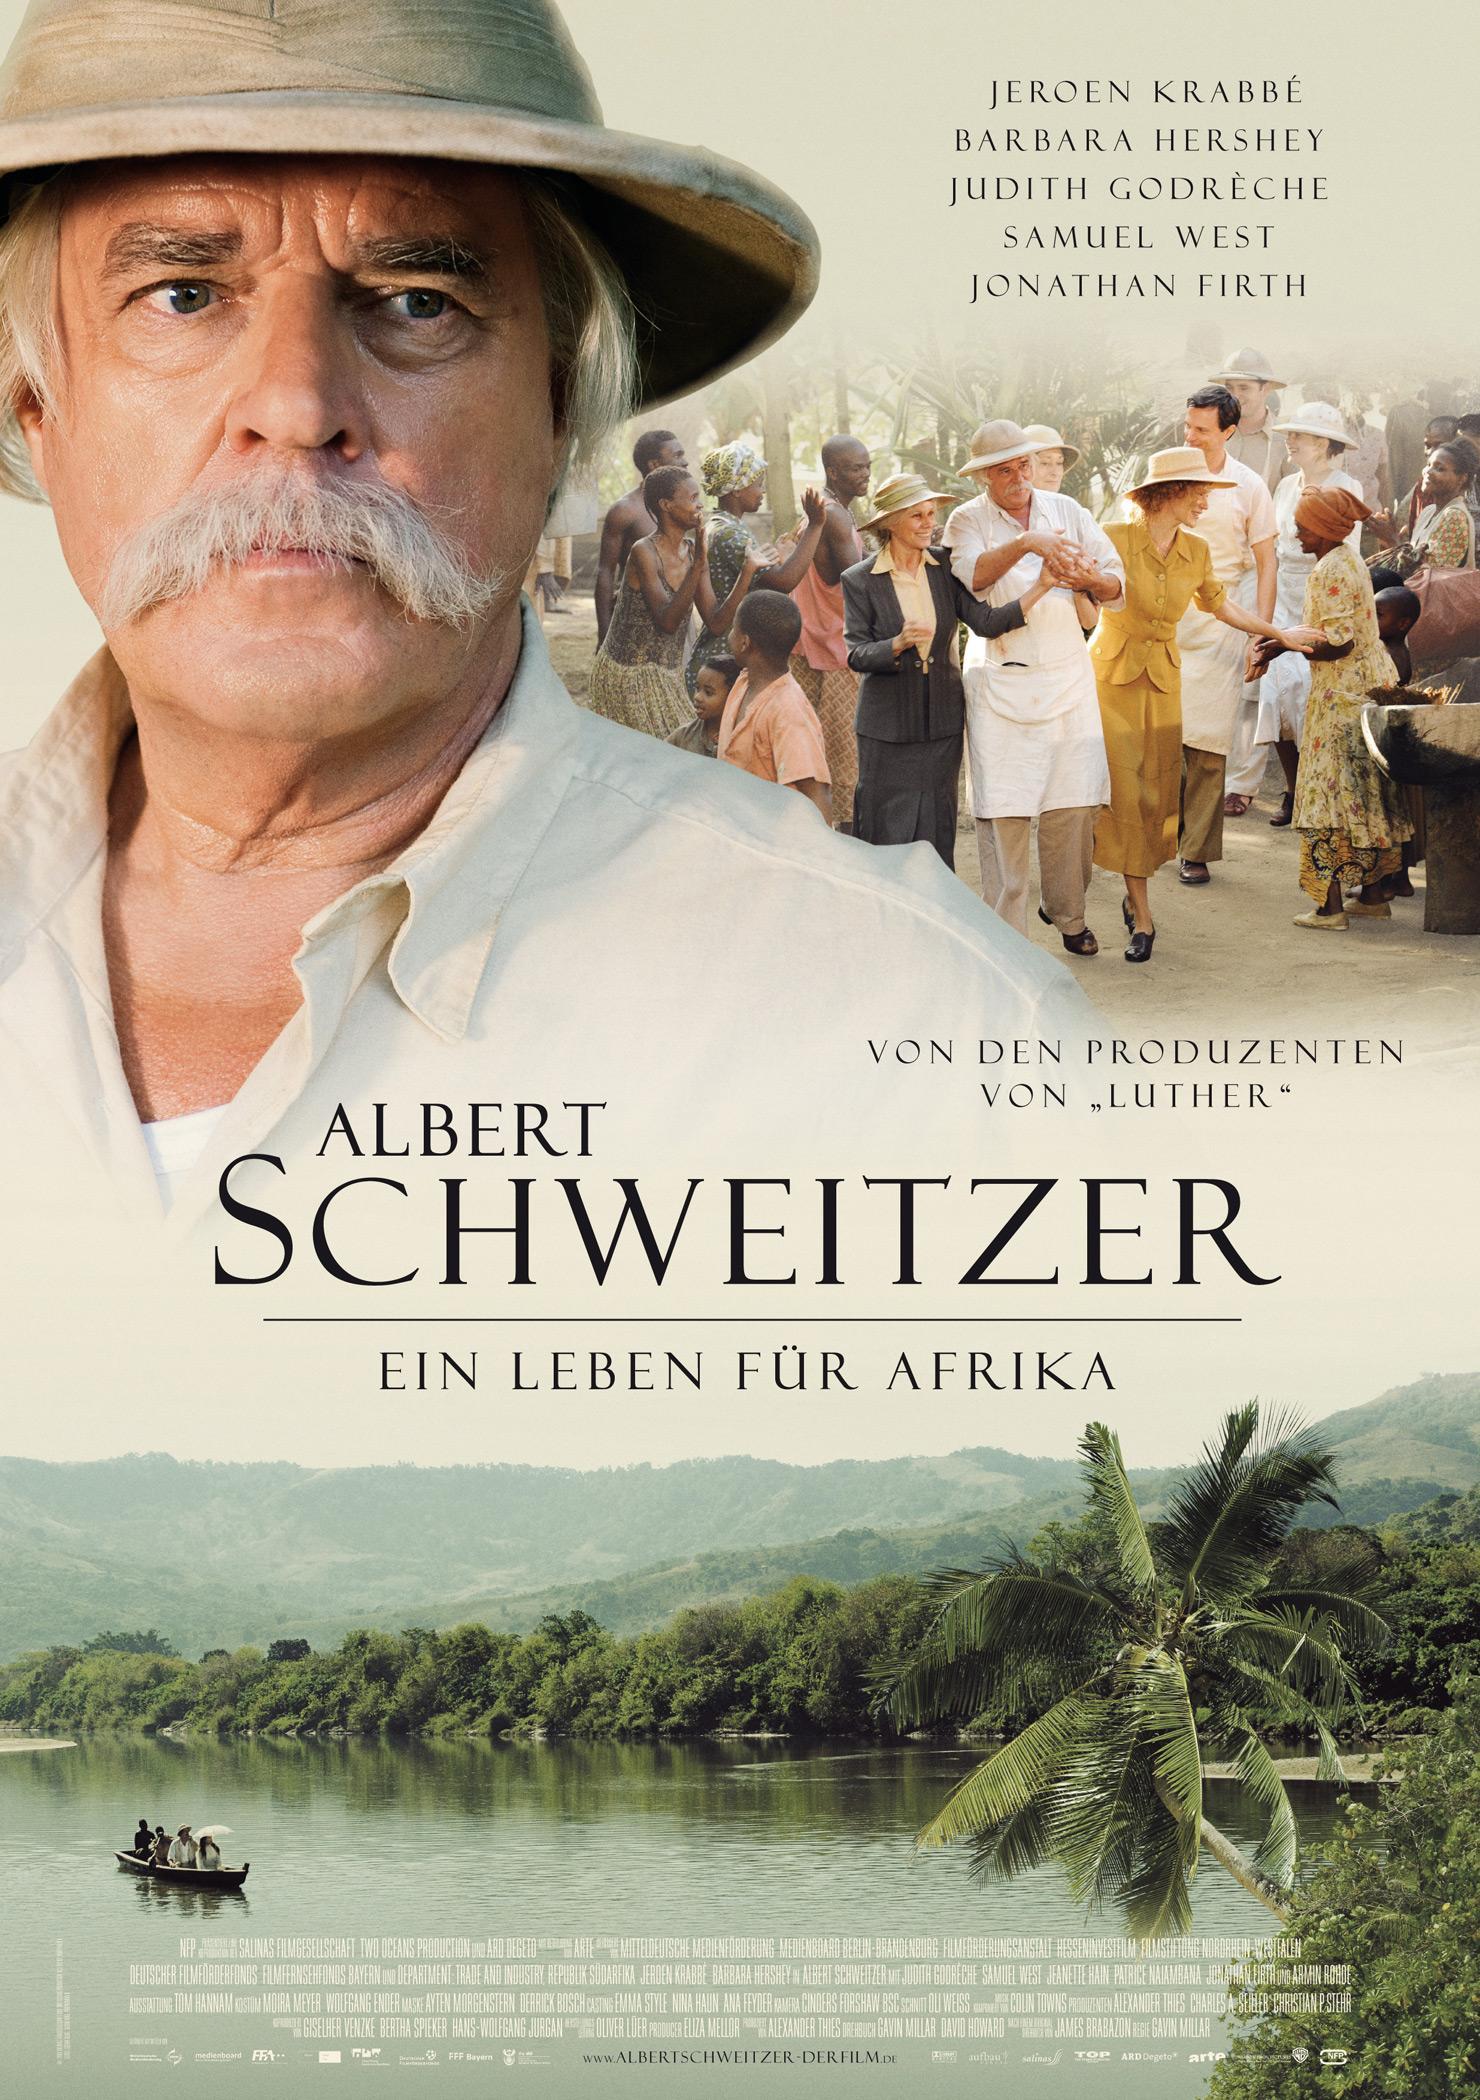 Albert Schweitzer - Ein Leben für Afrika (Poster)